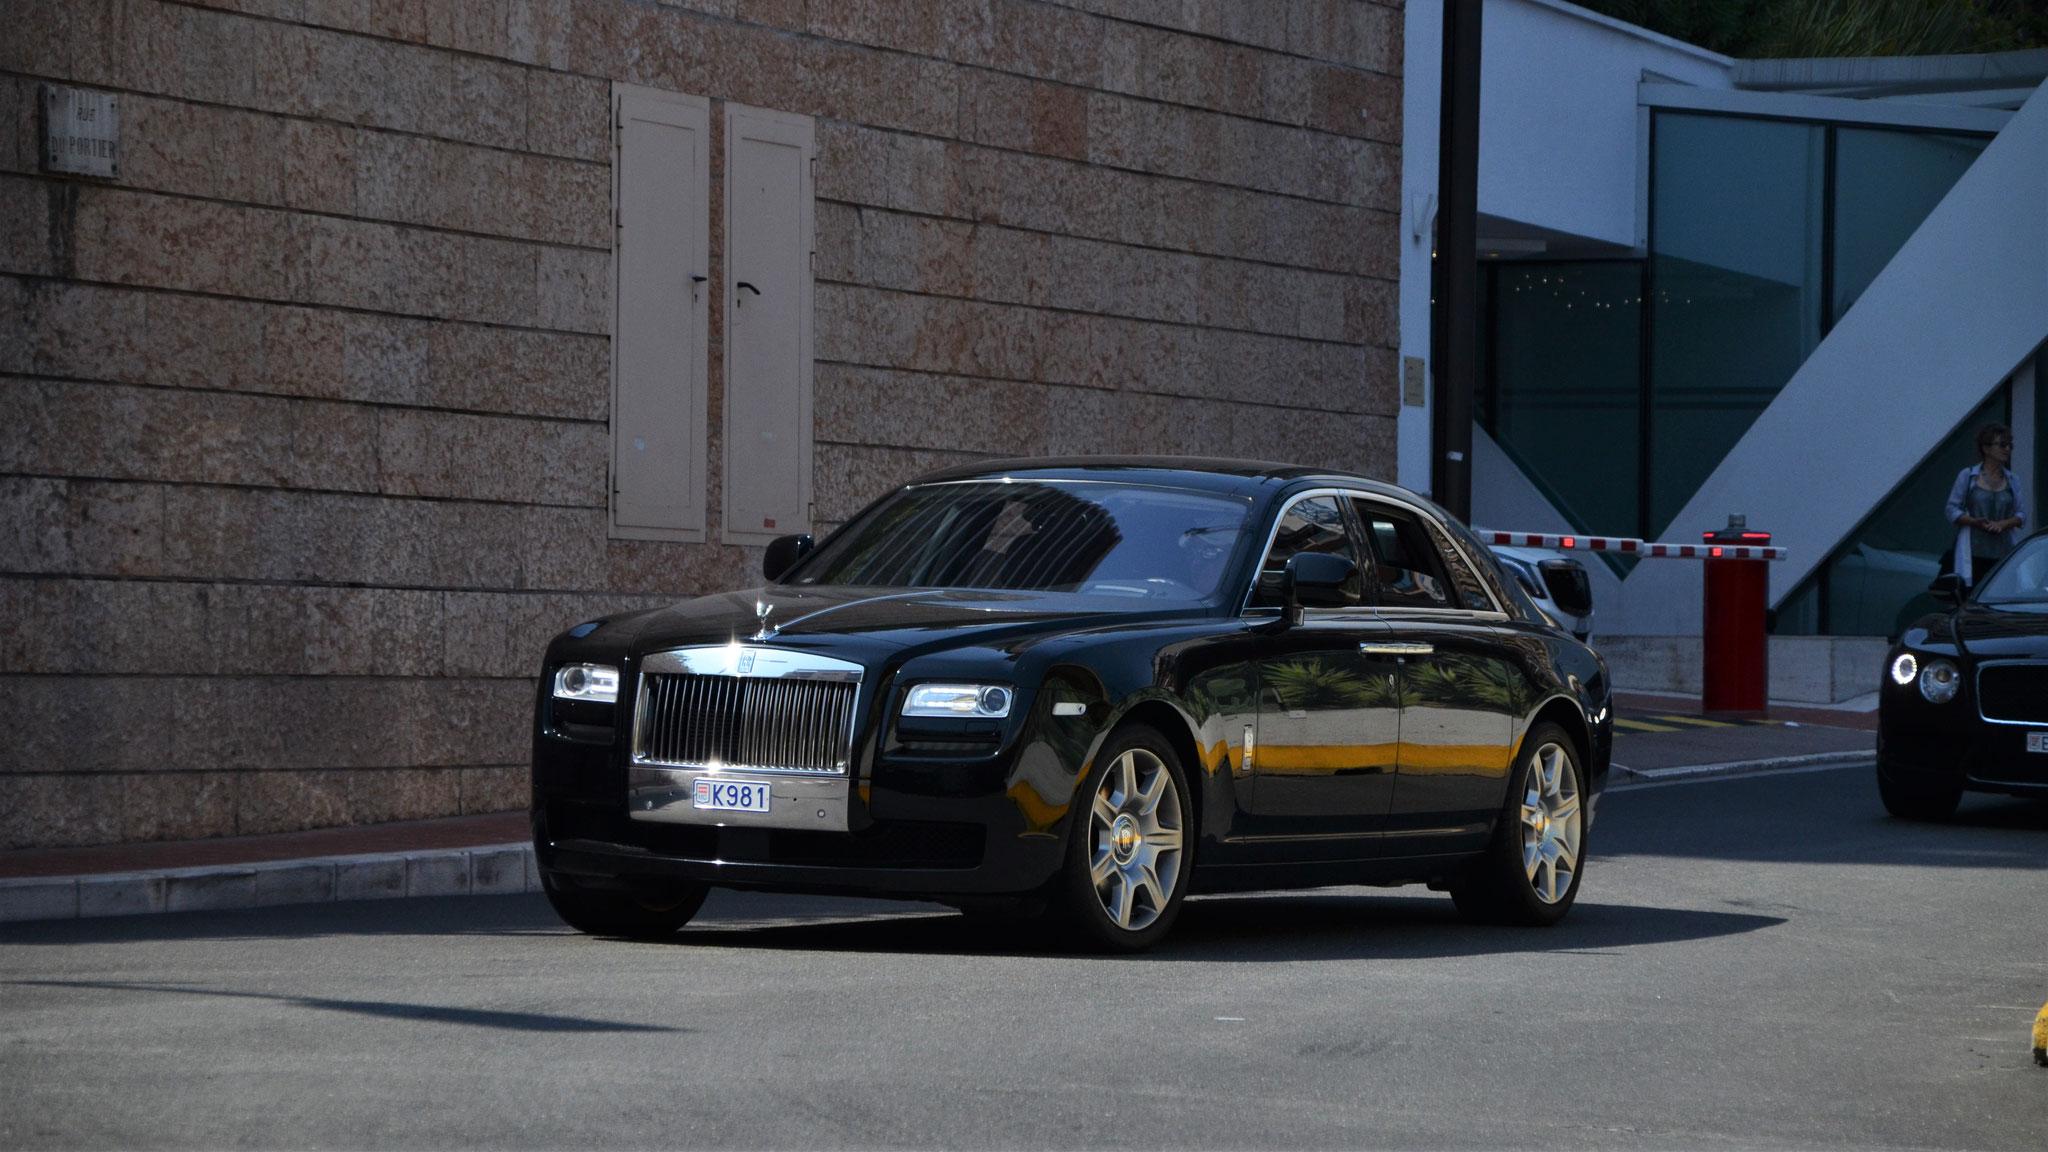 Rolls Royce Ghost - K981 (MC)